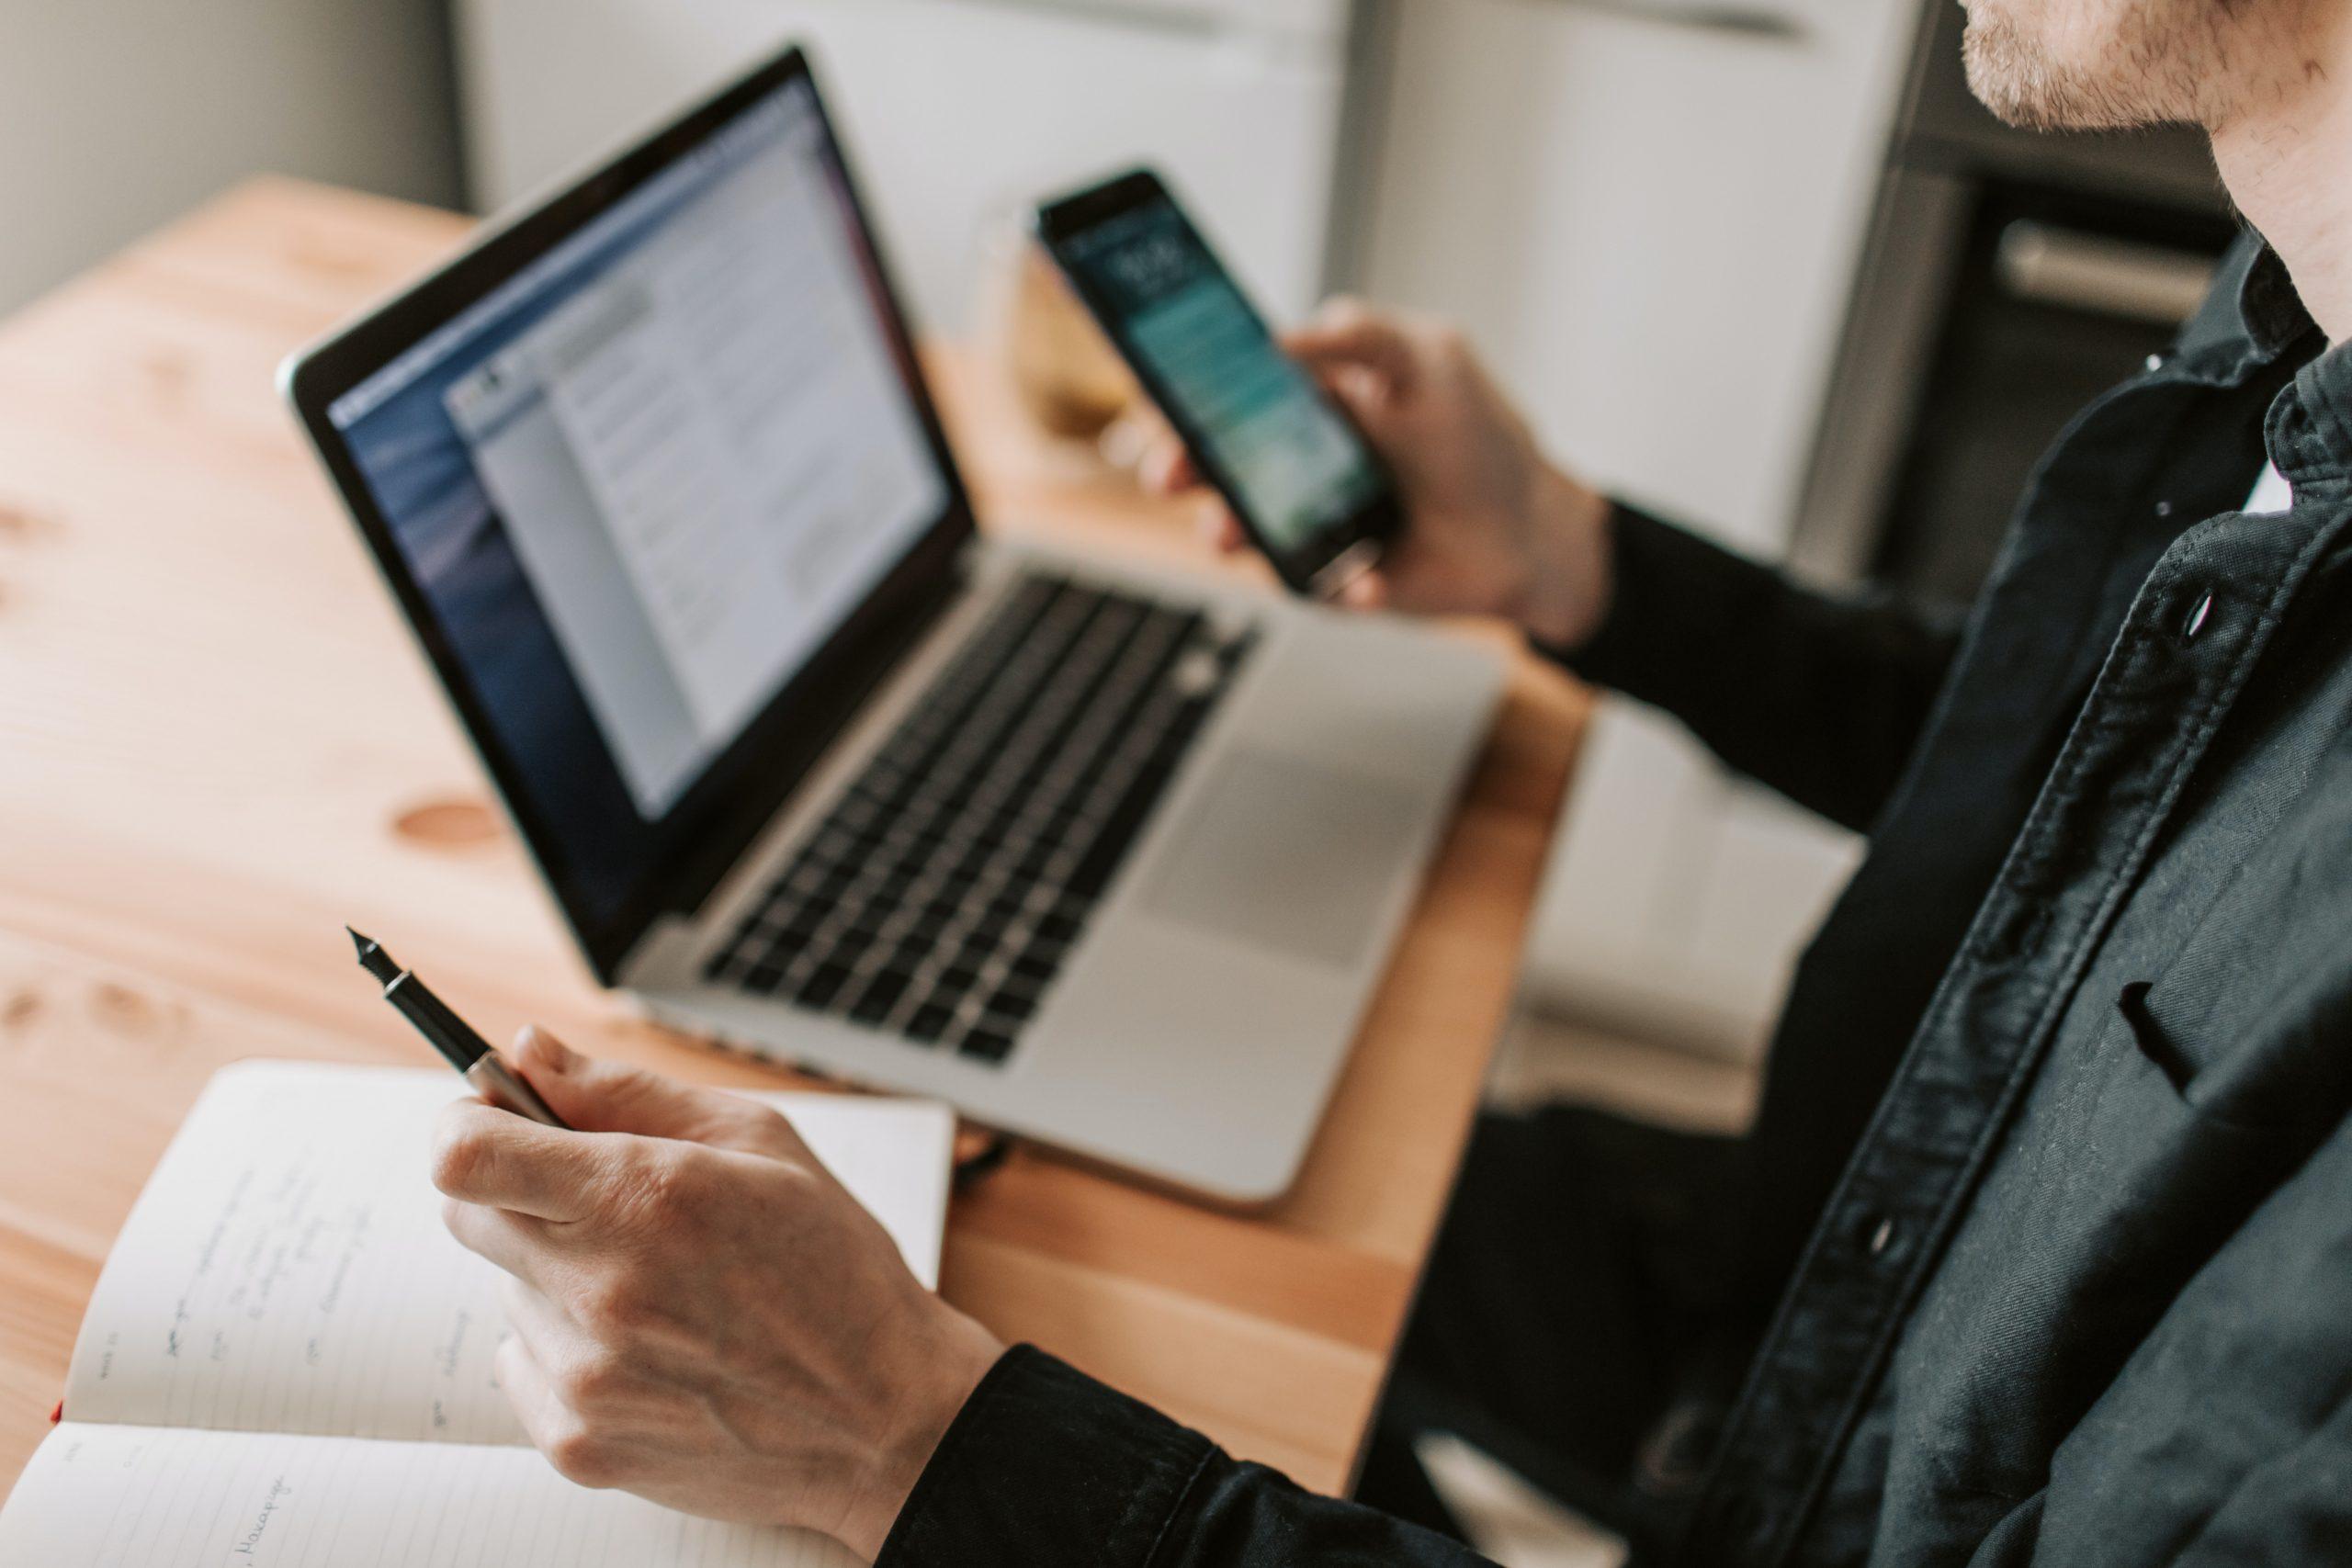 Imagem desfocada, sentado na mesa com computador , caderno e celular.